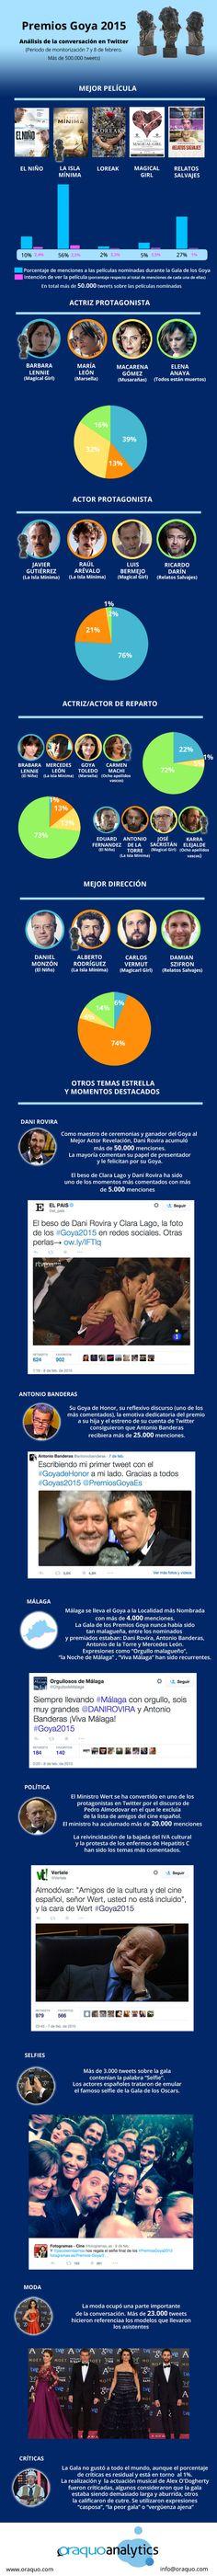 Análisis de la conversación en Twitter sobre los Premios #Goya2015 #Goya2015 #Infografía